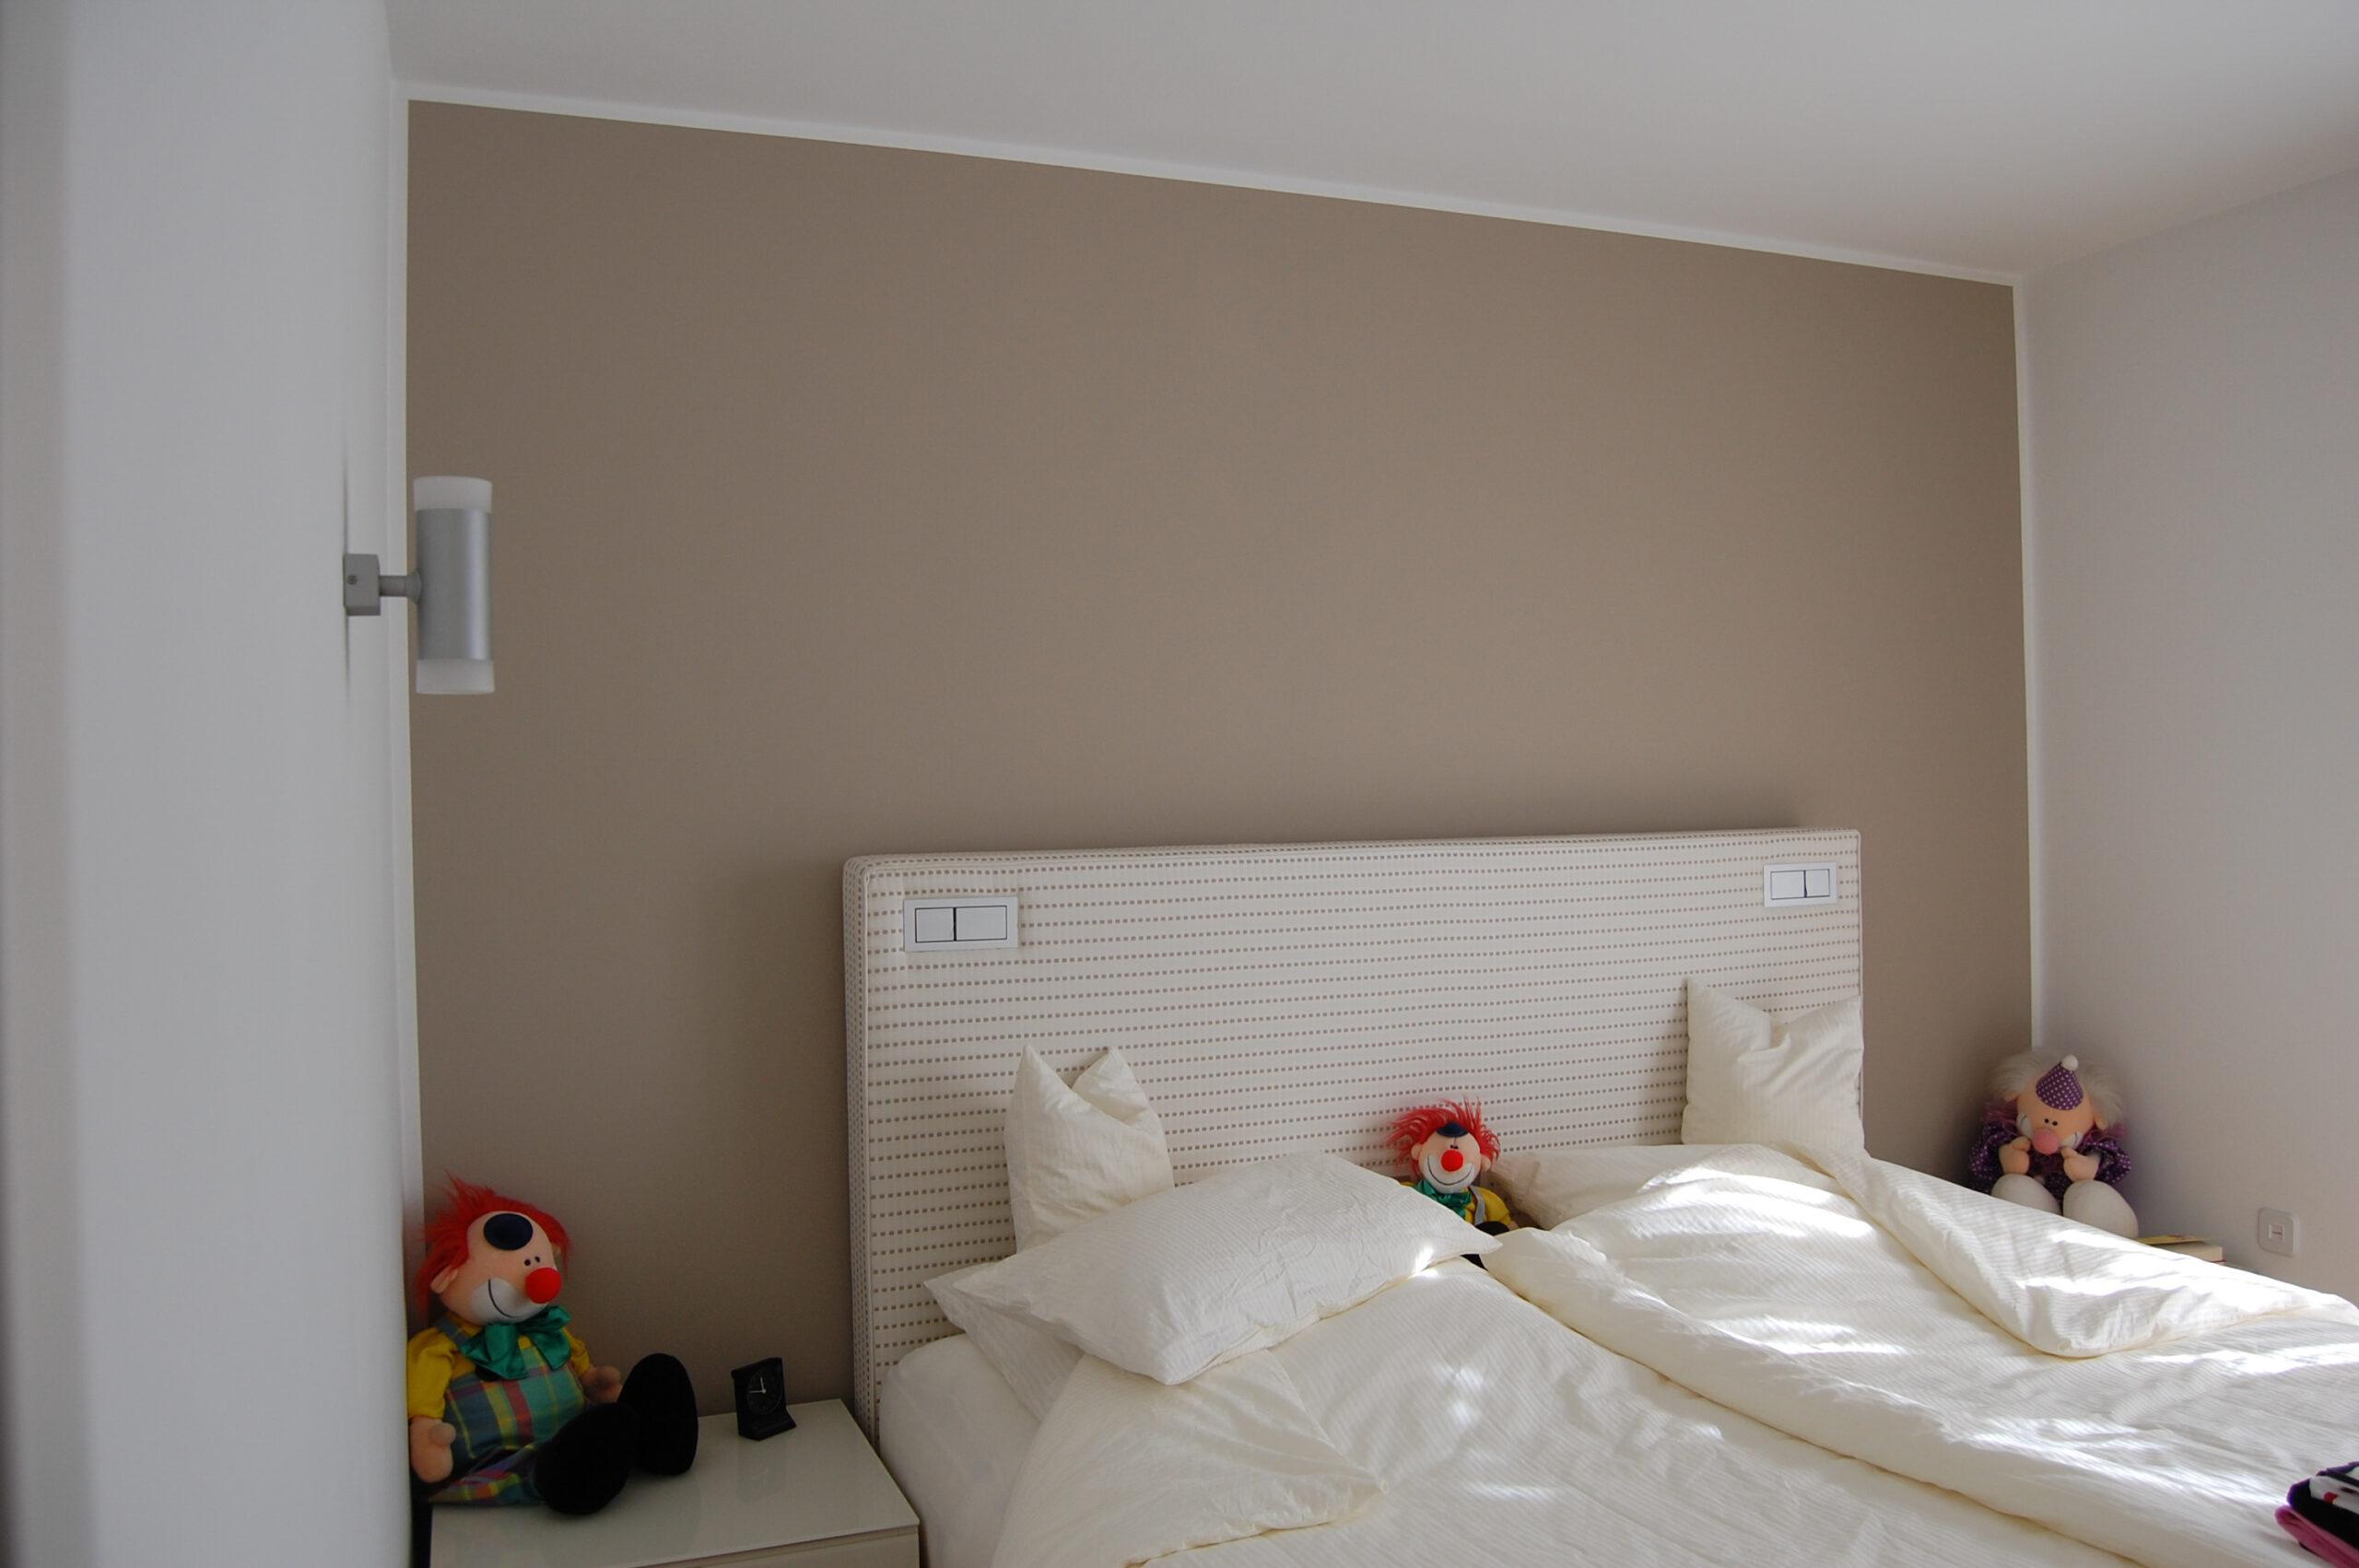 Full Size of Akzentwand Schlafzimmer Tapeten Ideen Referenz Individuelles Farbratde Teppich Truhe Komplett Günstig Rauch Kommode Weiß Deckenlampe Wandbilder Mit Wohnzimmer Akzentwand Schlafzimmer Tapeten Ideen